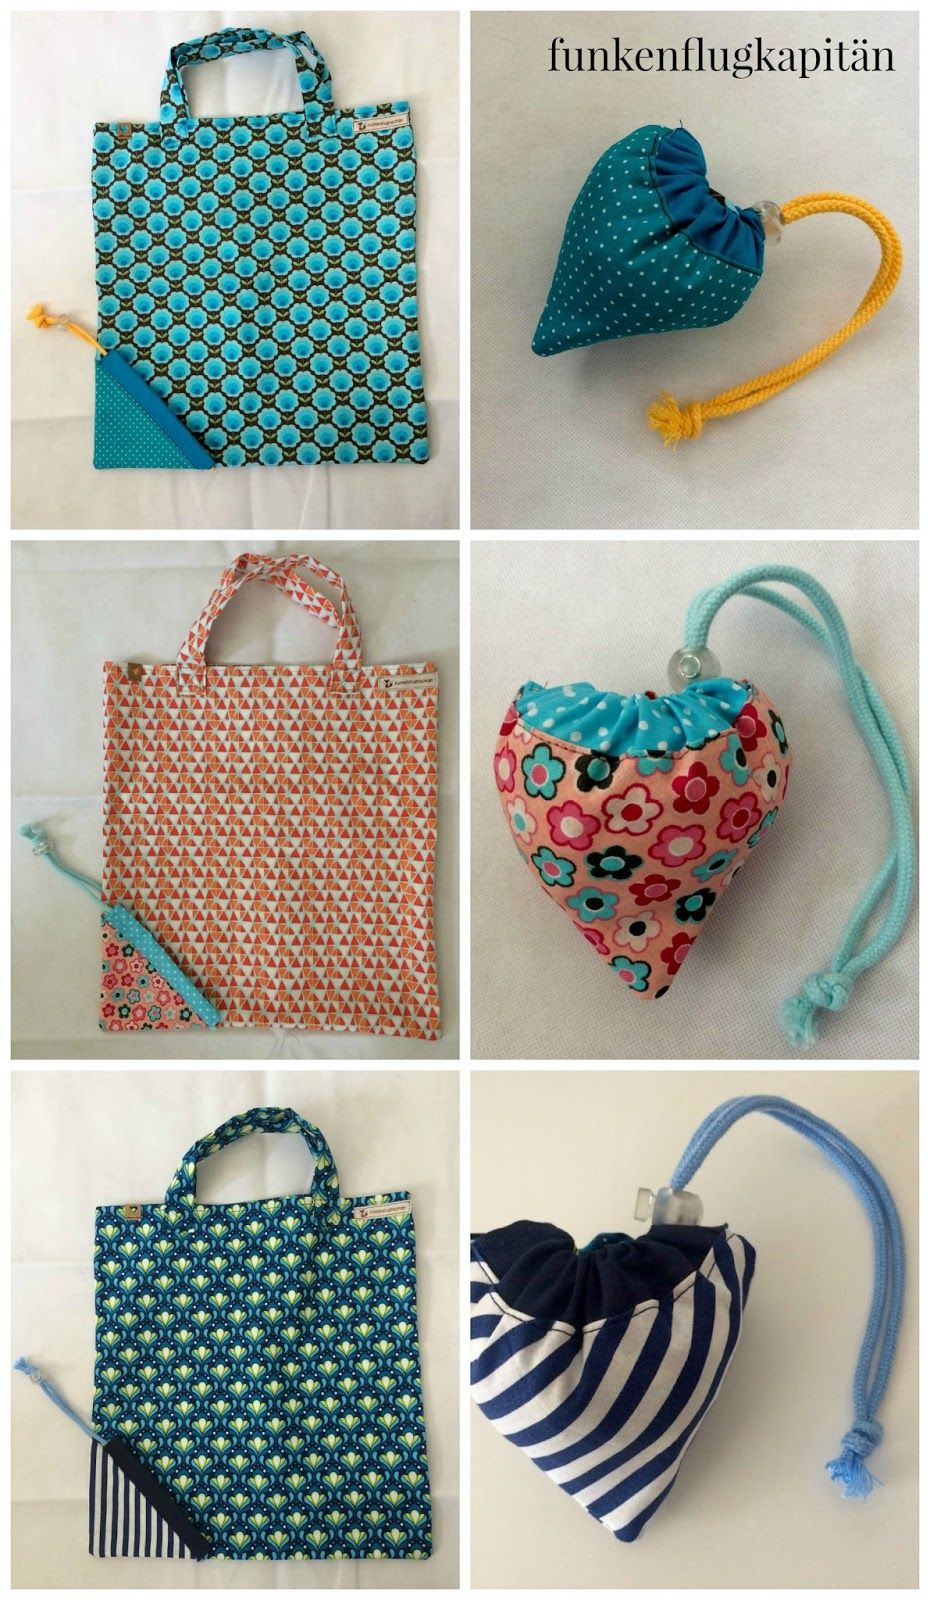 Tasche in der Tasche, Tasche, Einkaufsbeutel, Baumwolle, Nähen ...